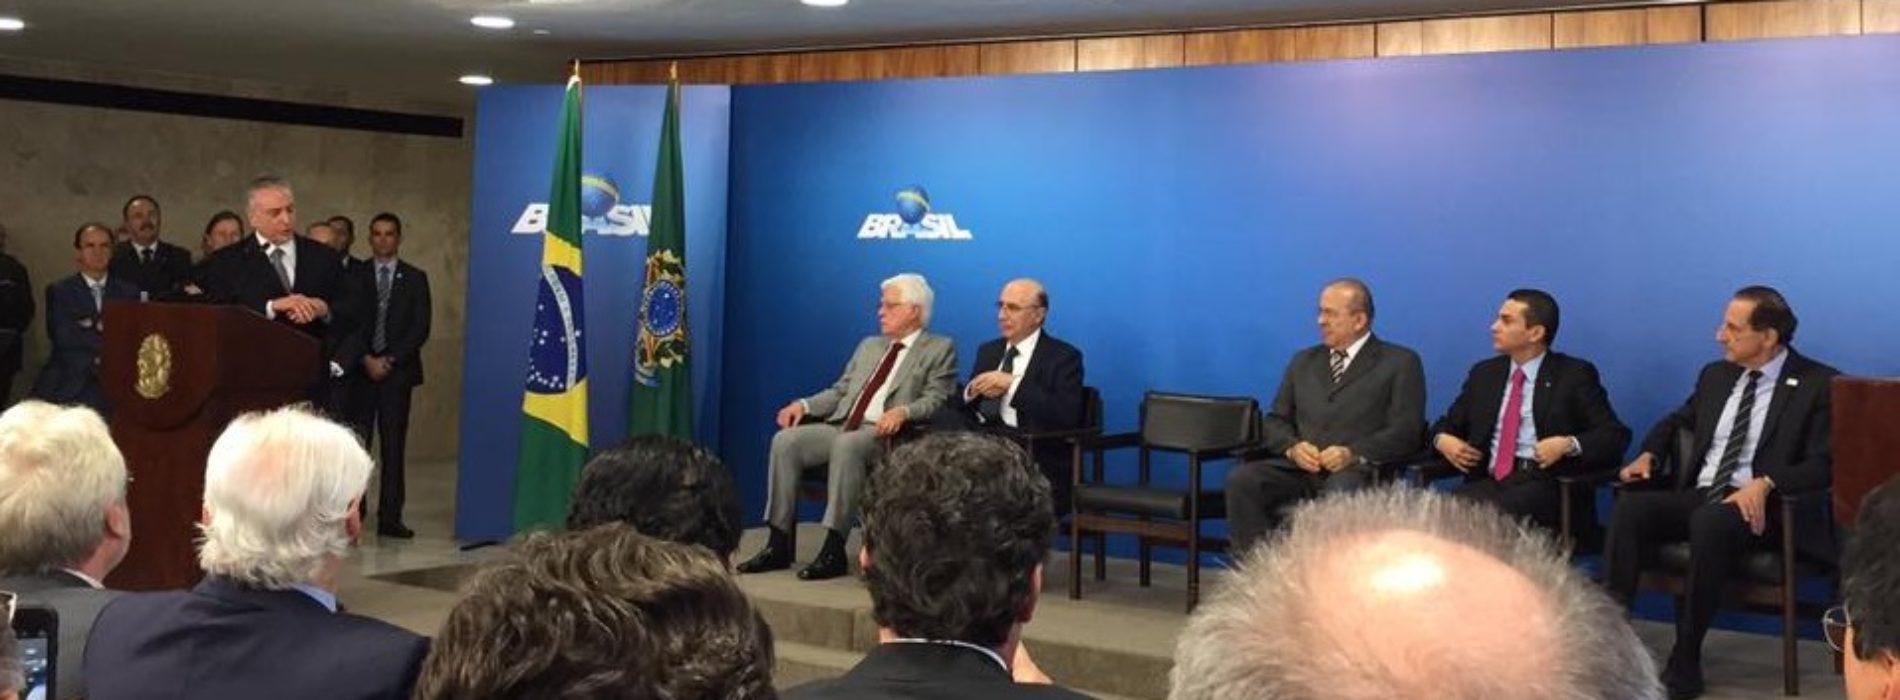 ABMAPRO marca presença em evento da Fiesp, com participação do governo federal brasileiro